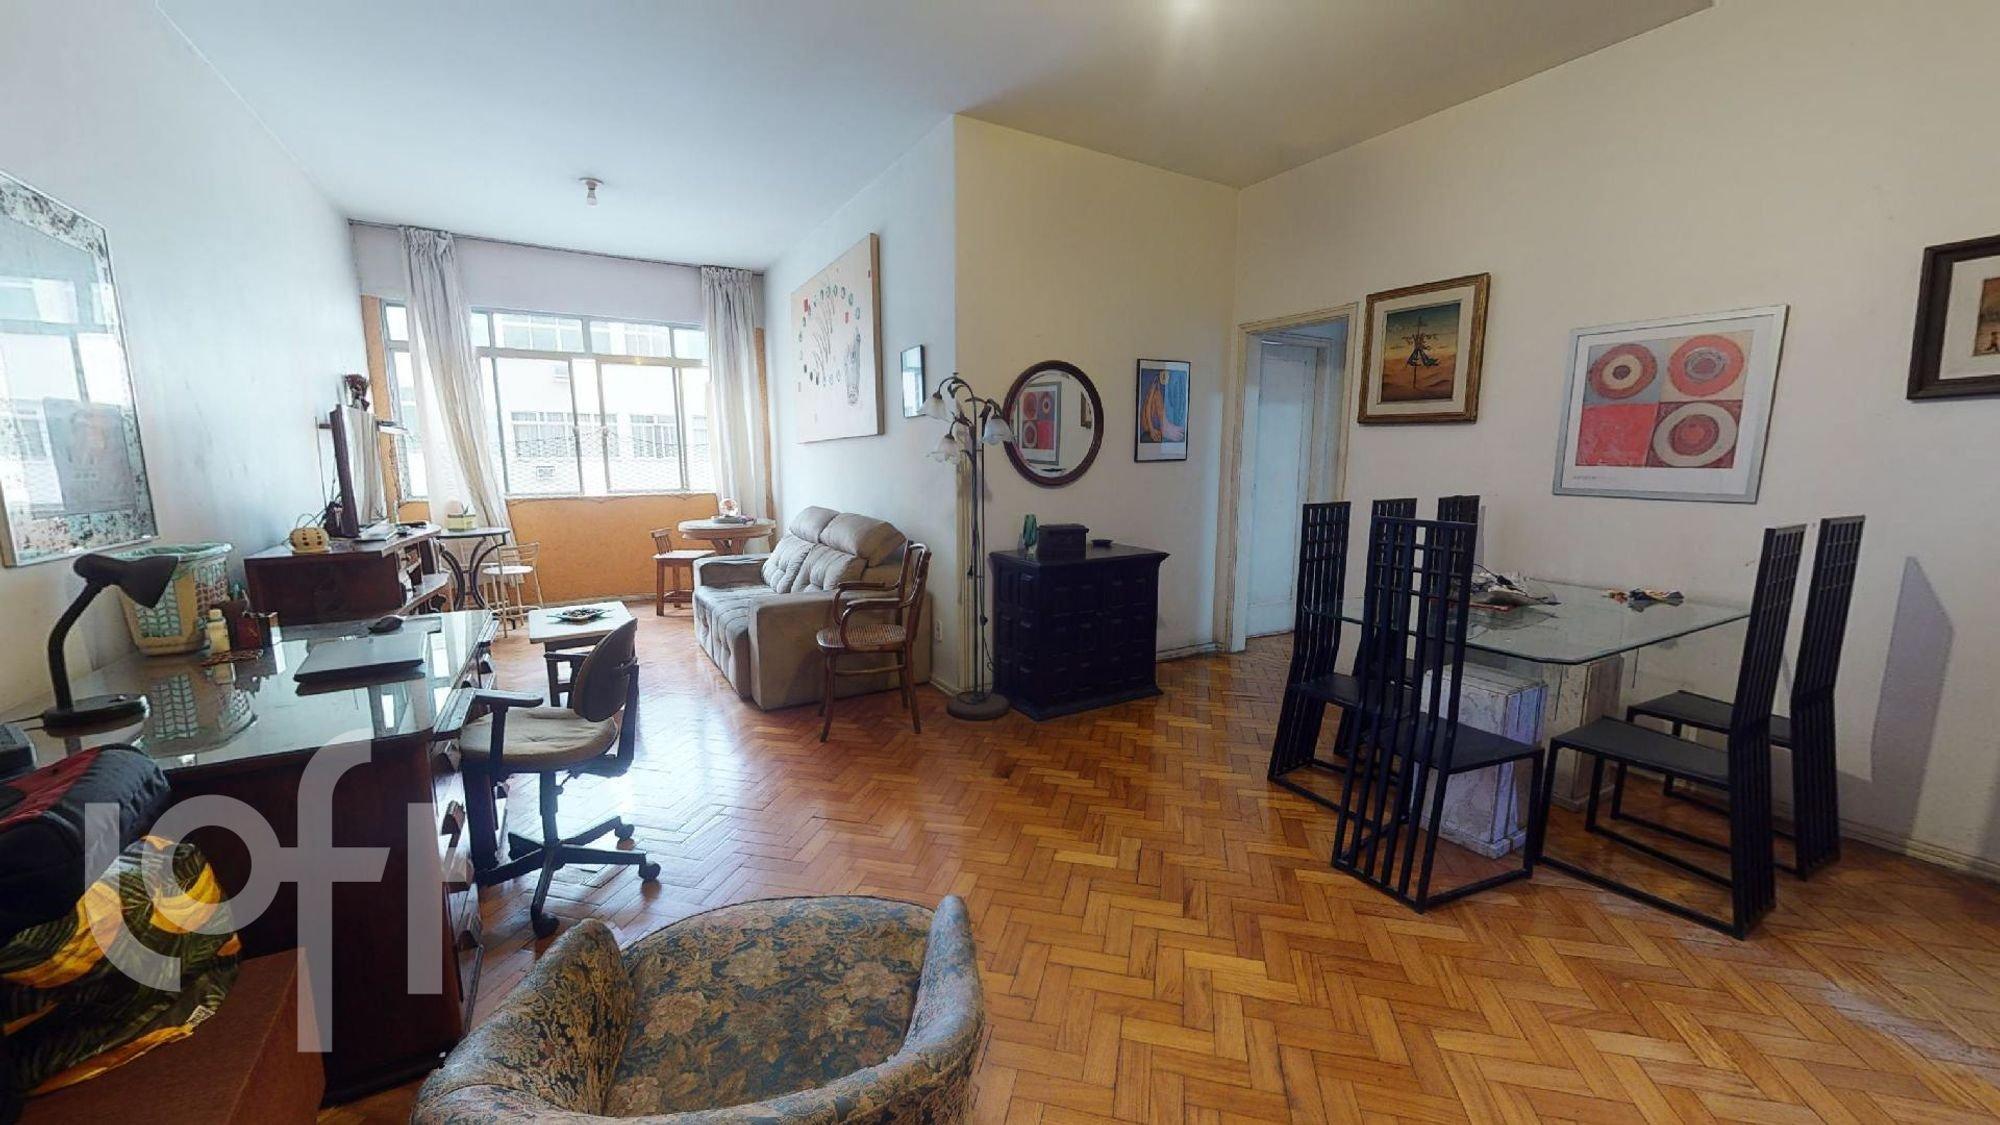 Foto de Sala com televisão, relógio, cadeira, mesa de jantar